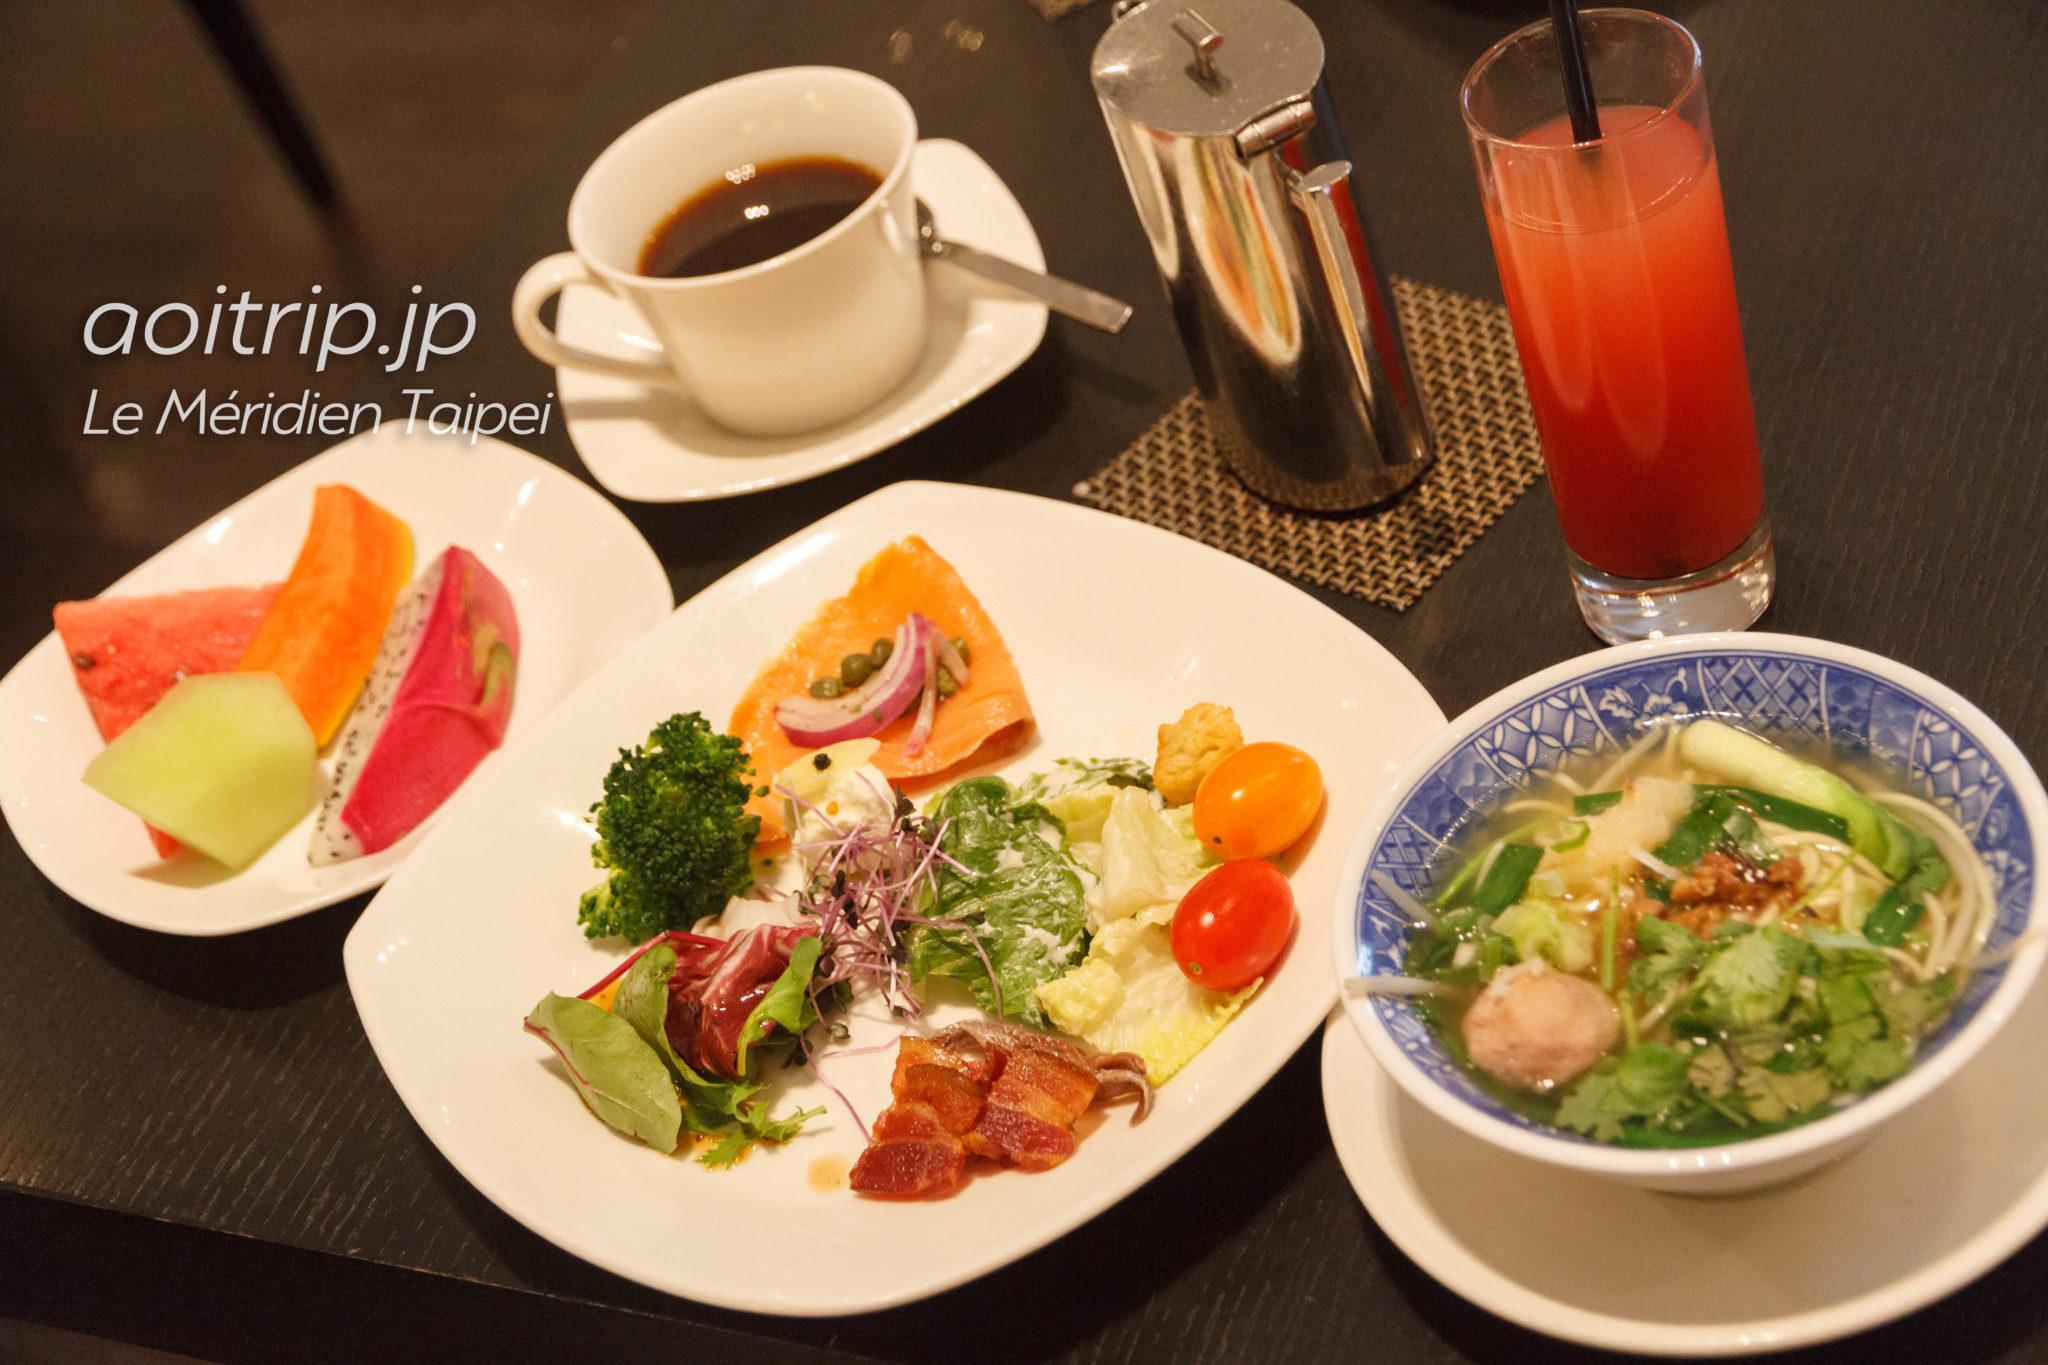 ルメリディアン台北の朝食 Latest Recipe